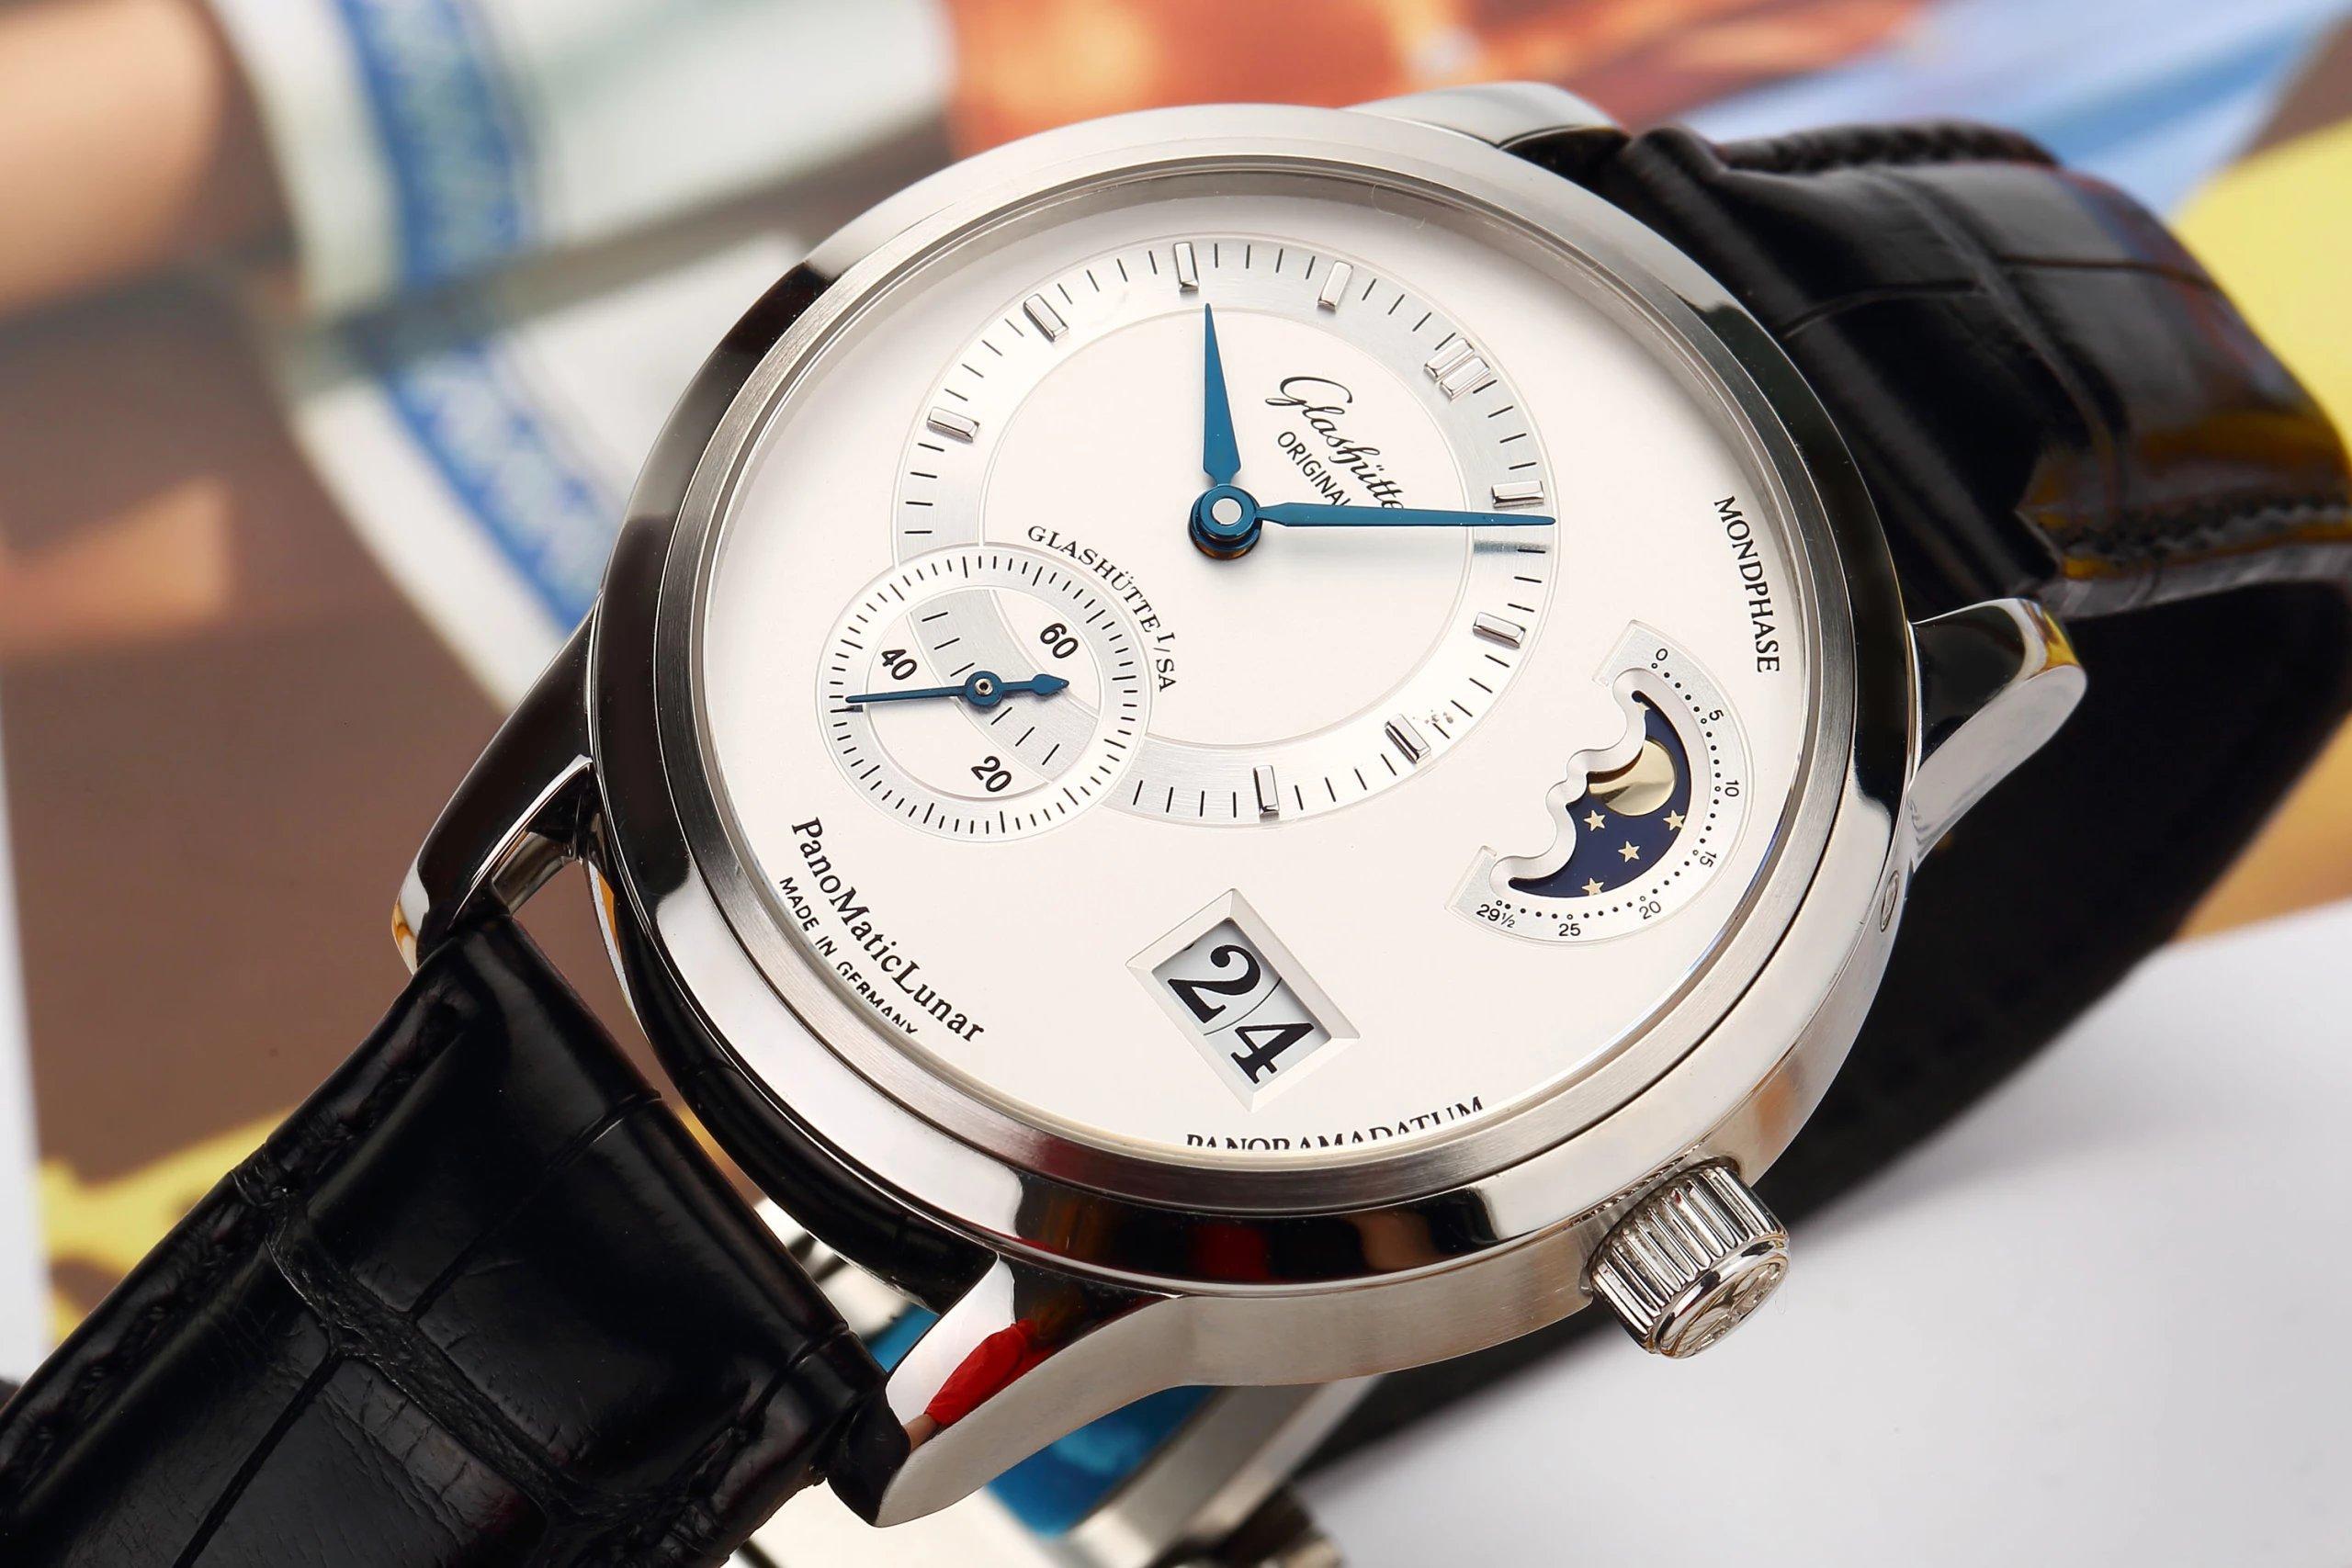 哪些手表可以让男人气质爆表?这10只手表可以看看